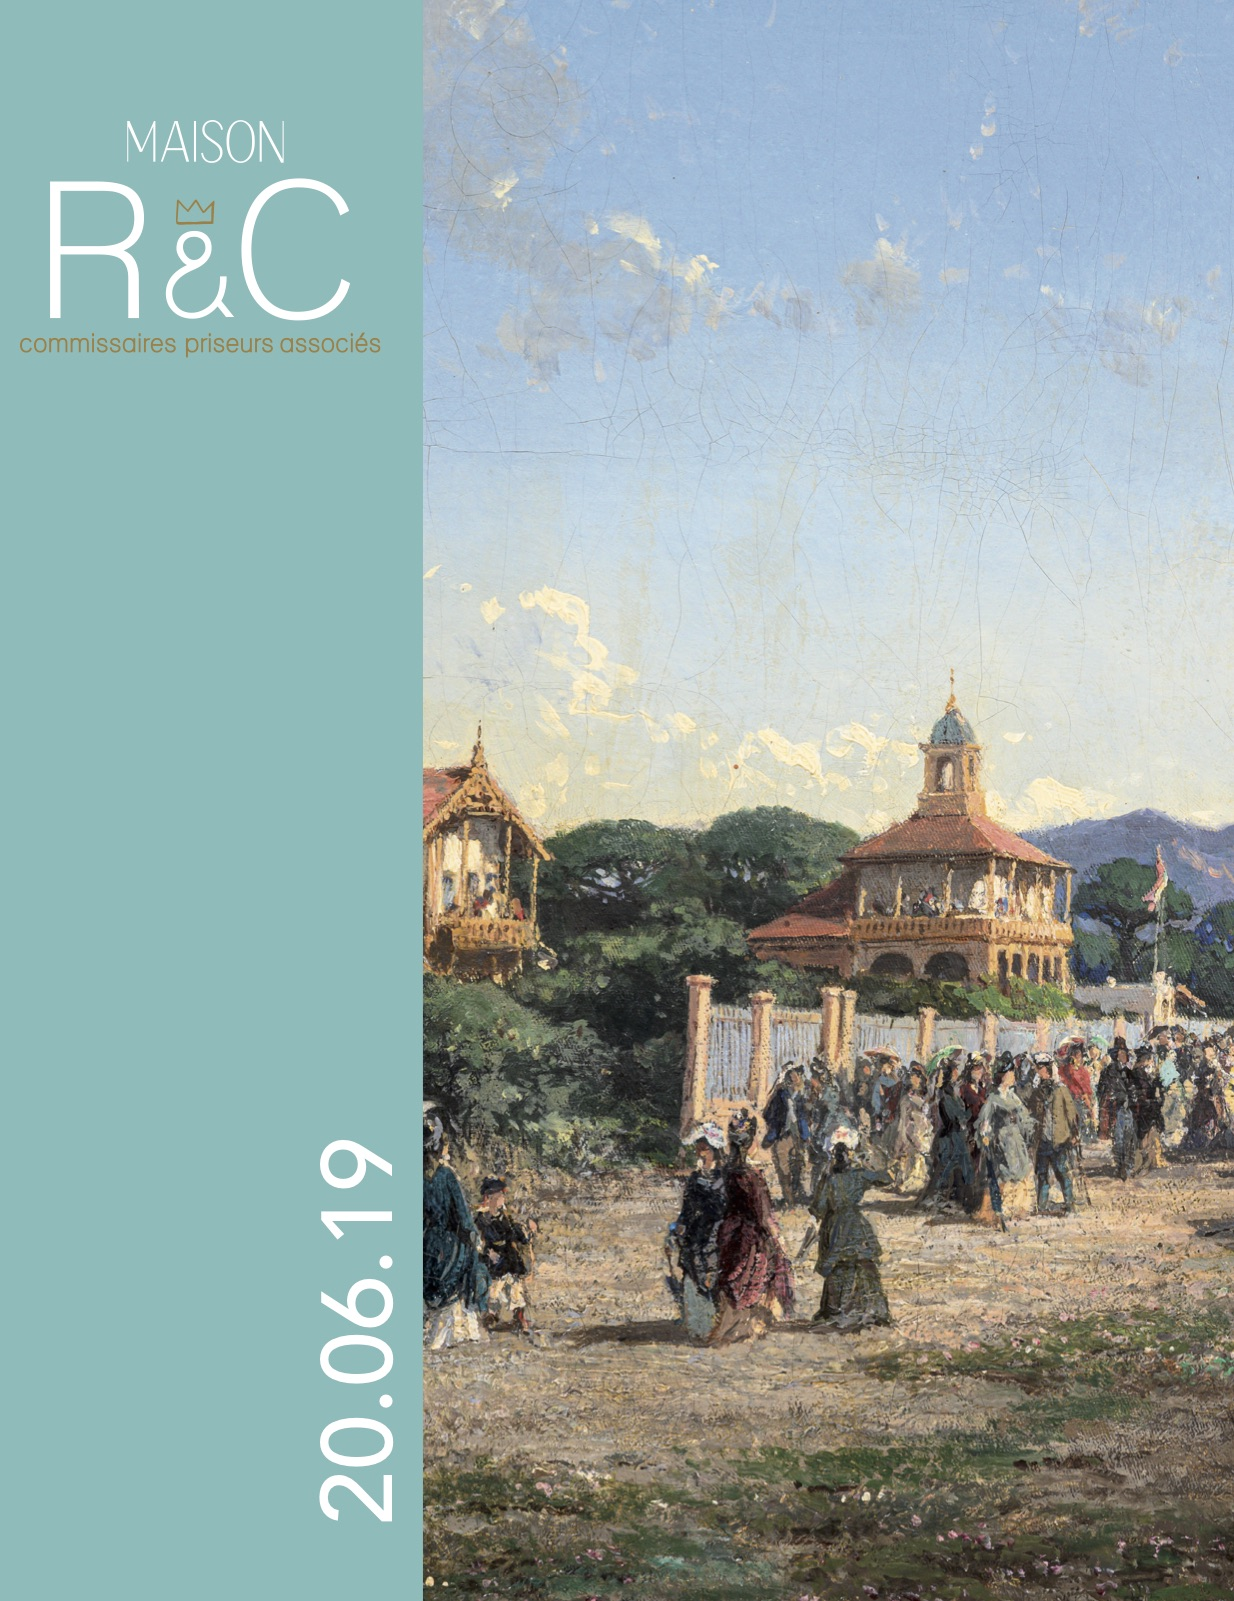 Vente Tableaux XIXe - XXe  chez Maison R&C Commissaires-Priseurs Associés : 149 lots